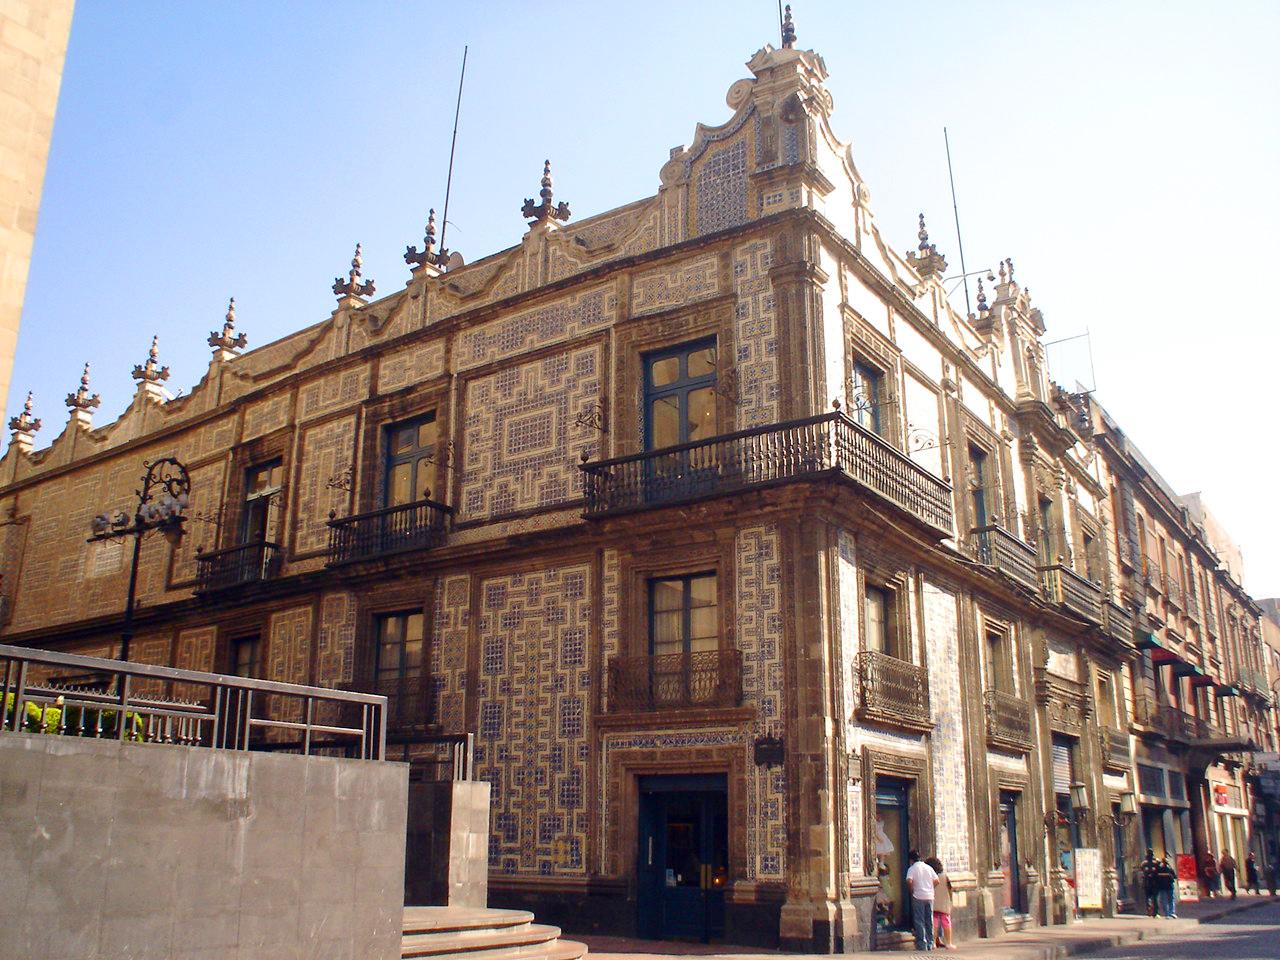 Casa de los azulejos imagen for Casa de los azulejos mexico df